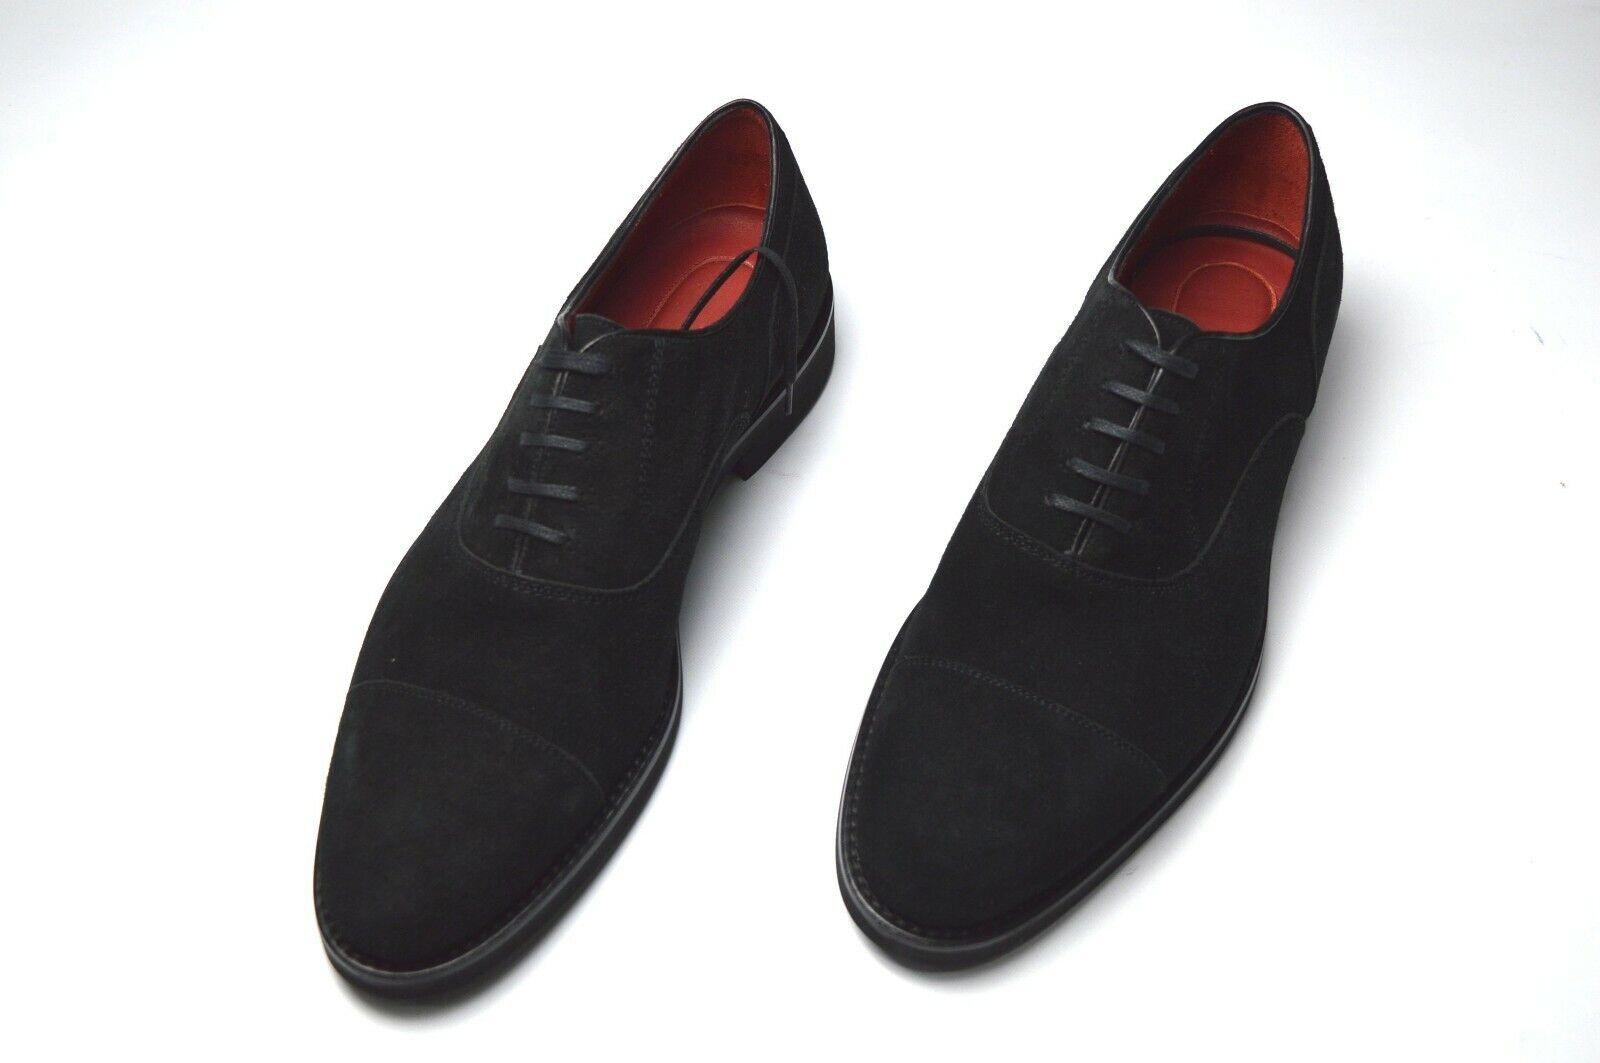 NEW STEFANO RICCI   LOGO Luxury shoes Size Eu 42 Uk 8 Us 9 (S464)